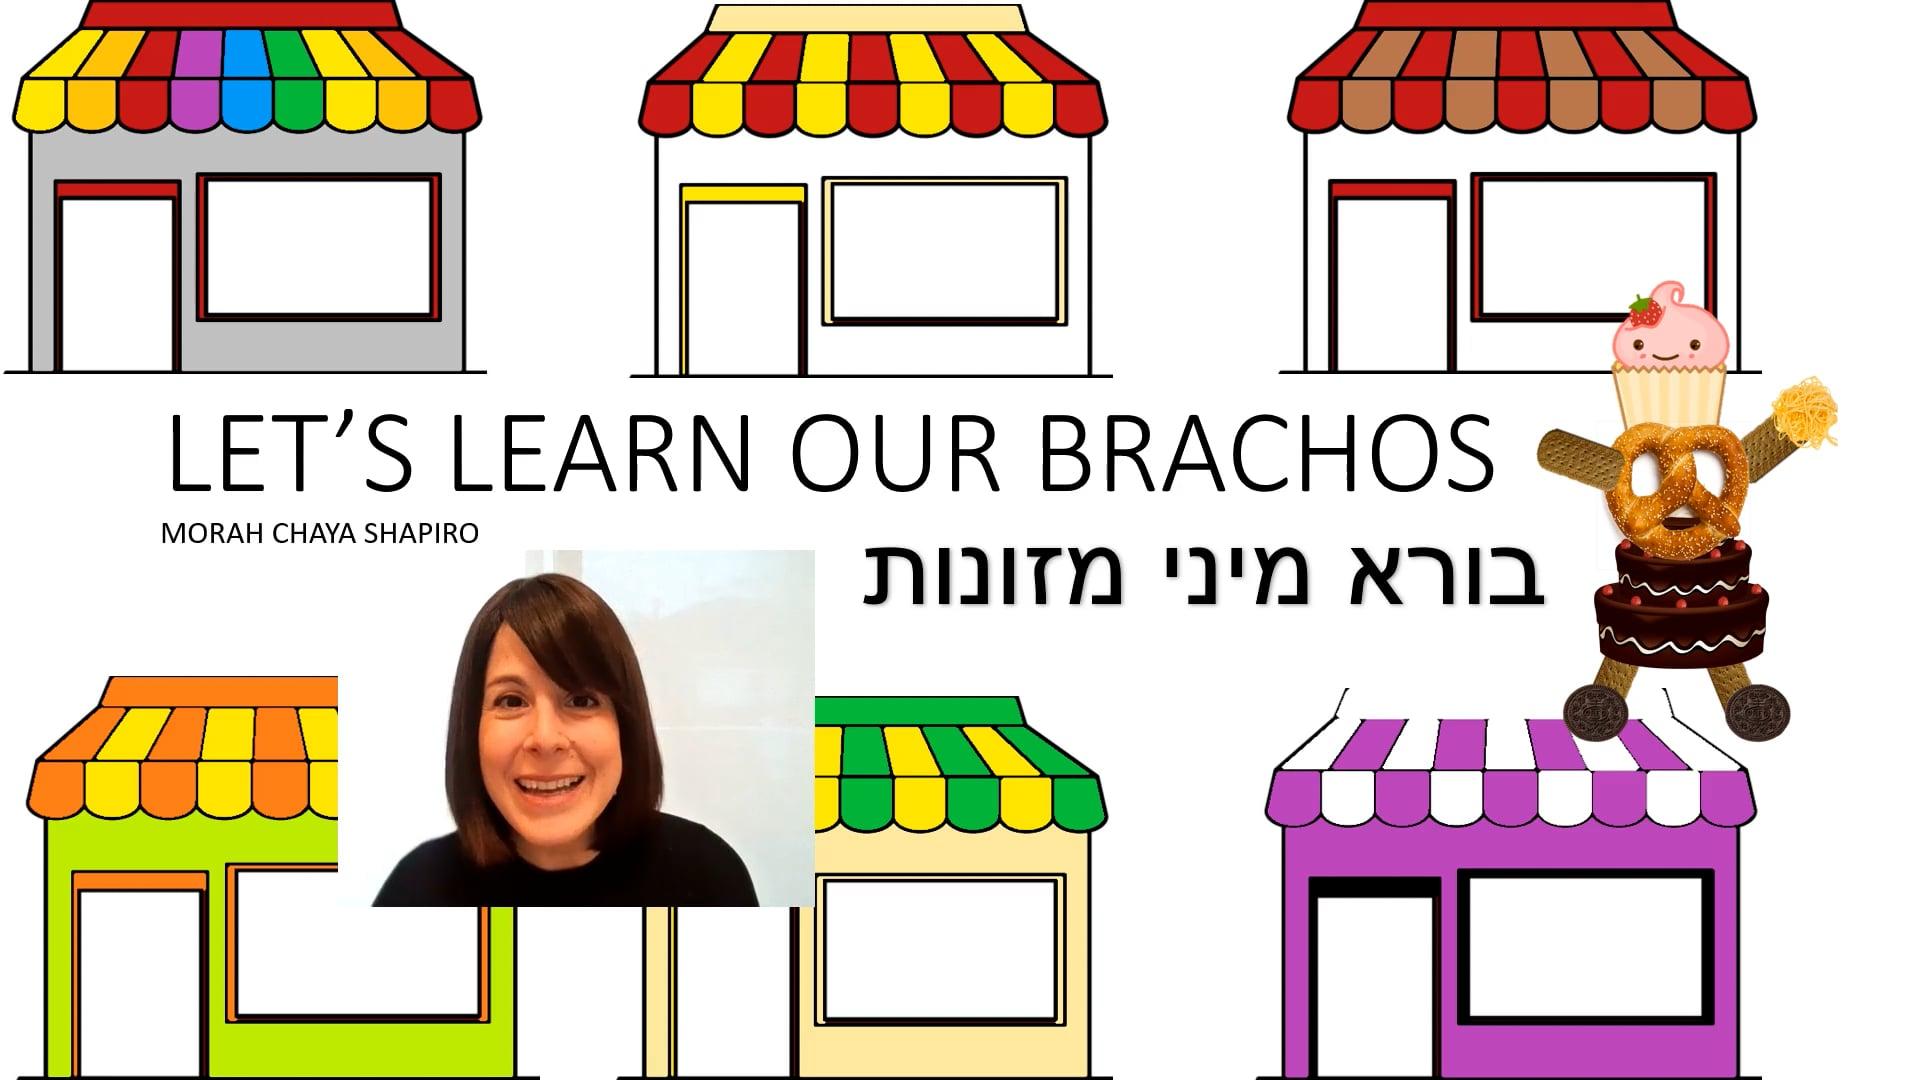 Let's Learn Our Brachos: Mezonos